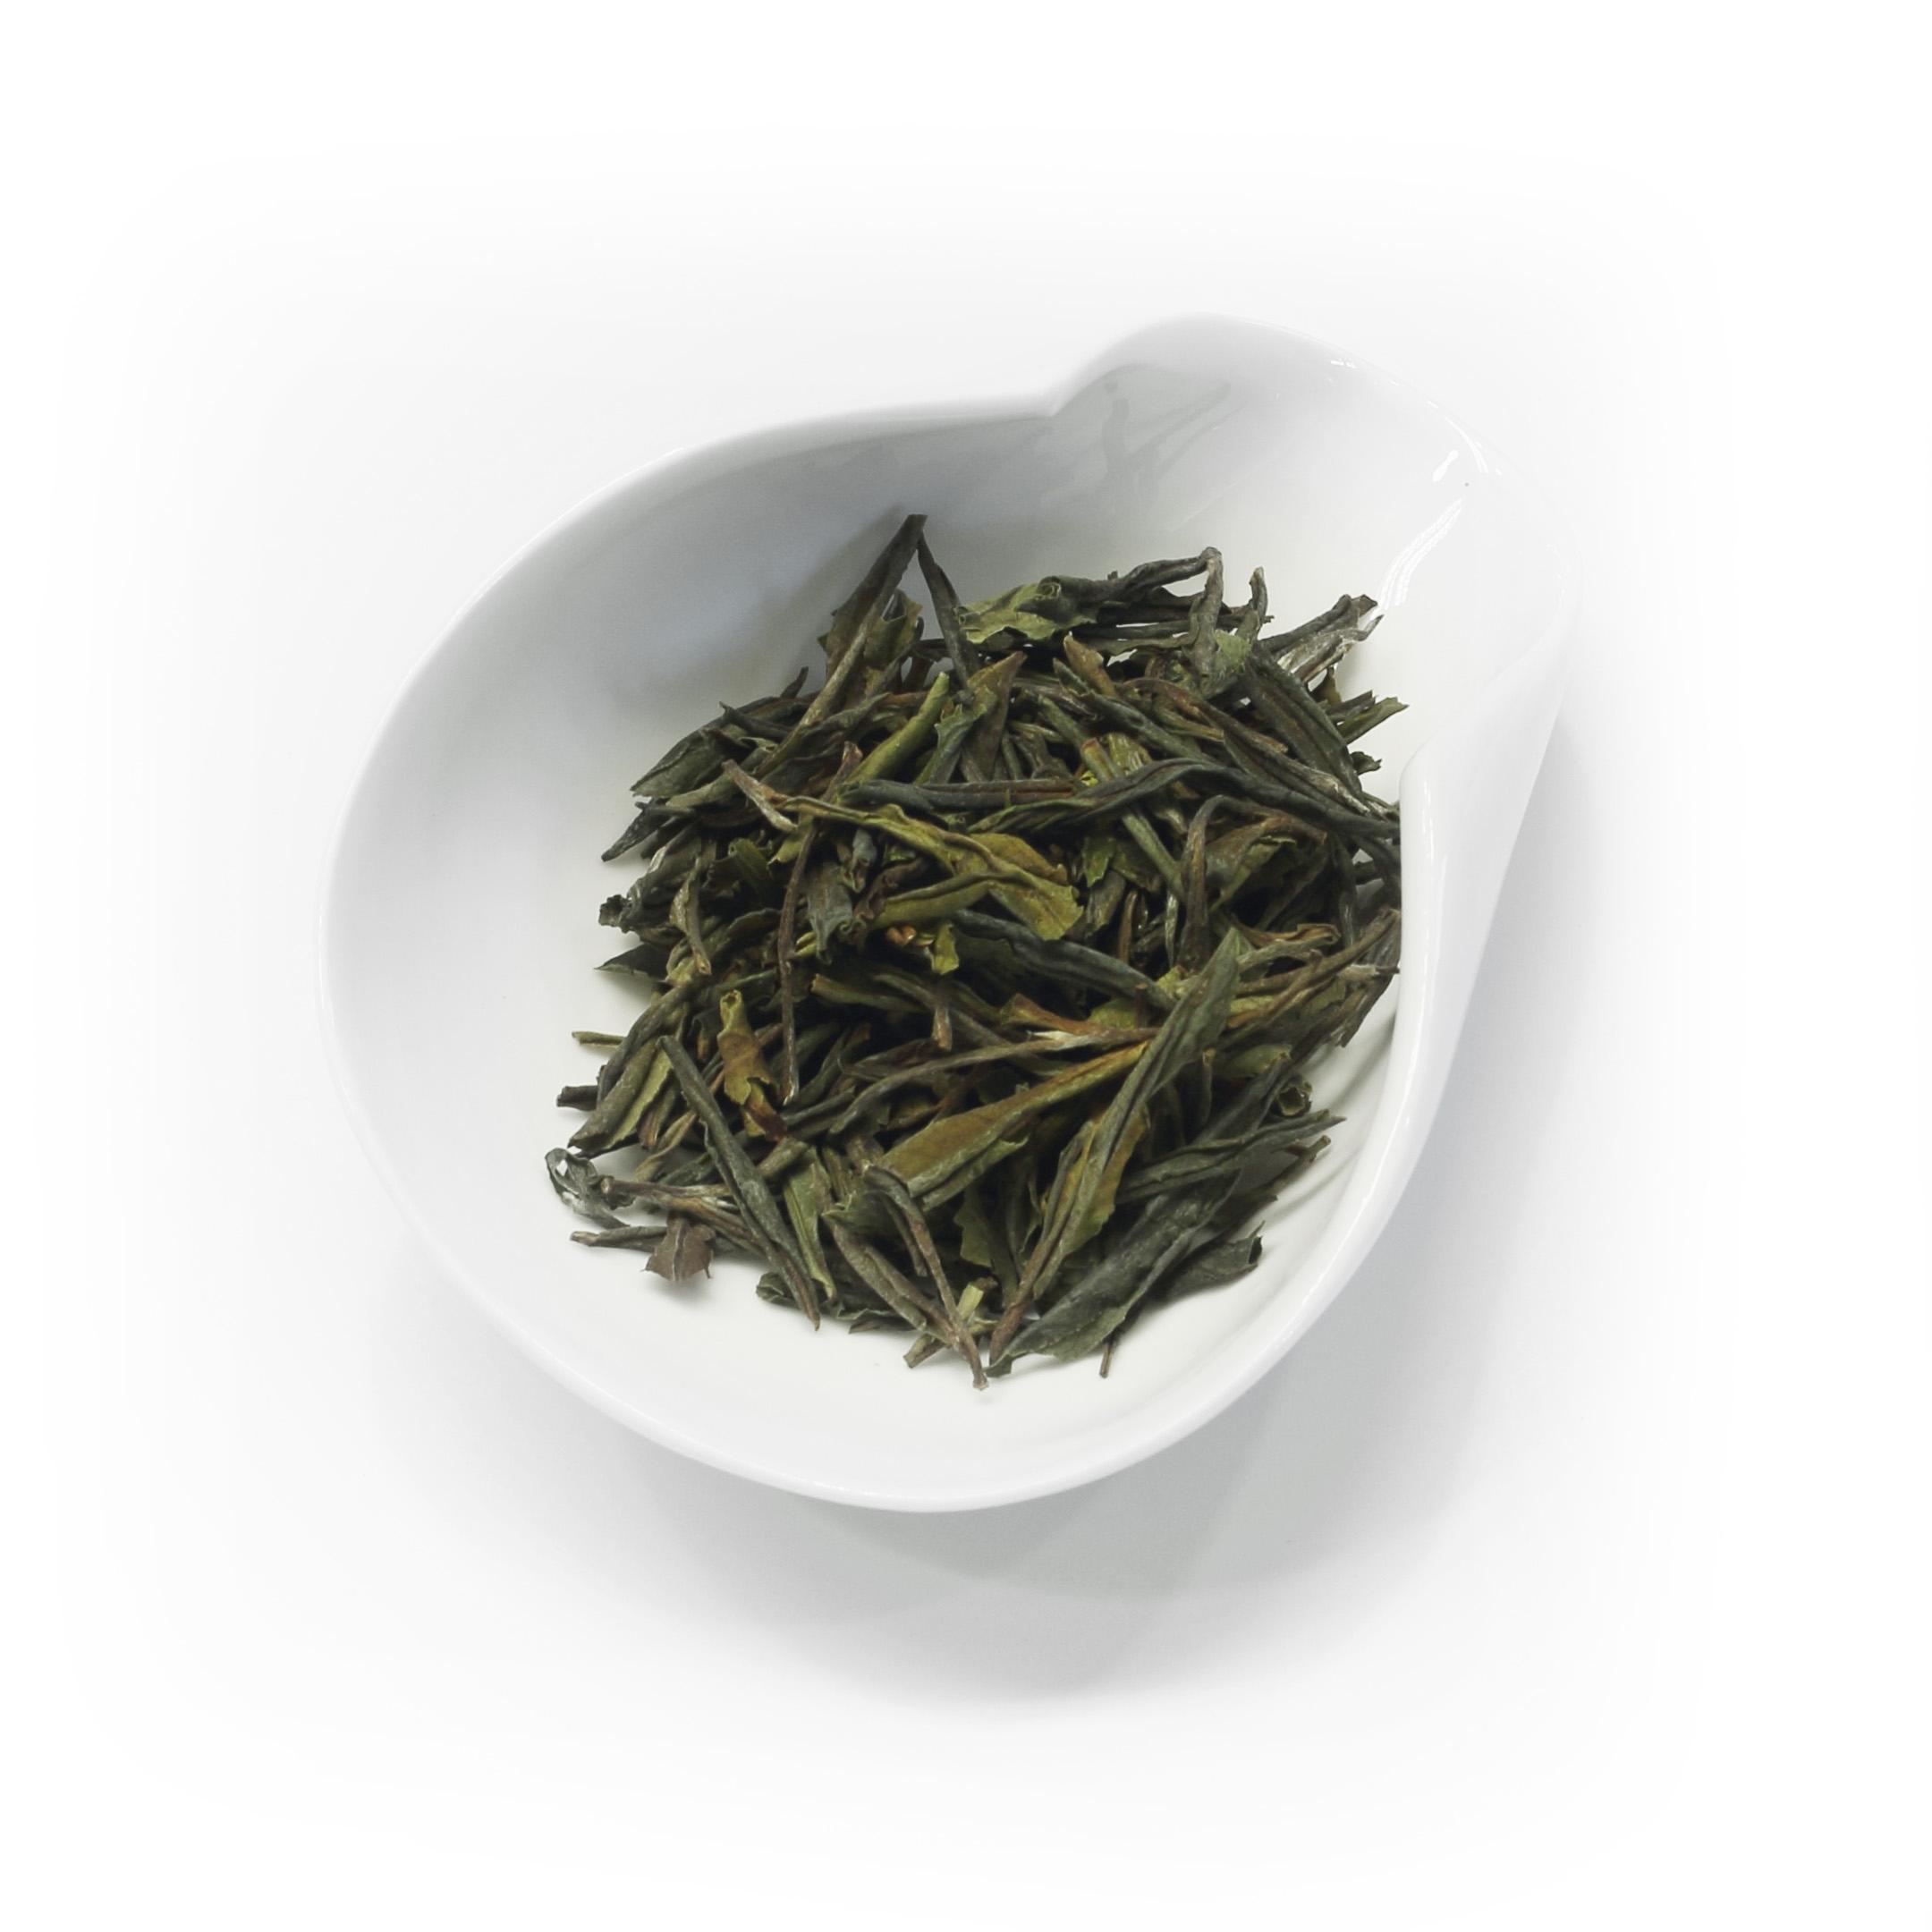 Yunnan Zao Chun